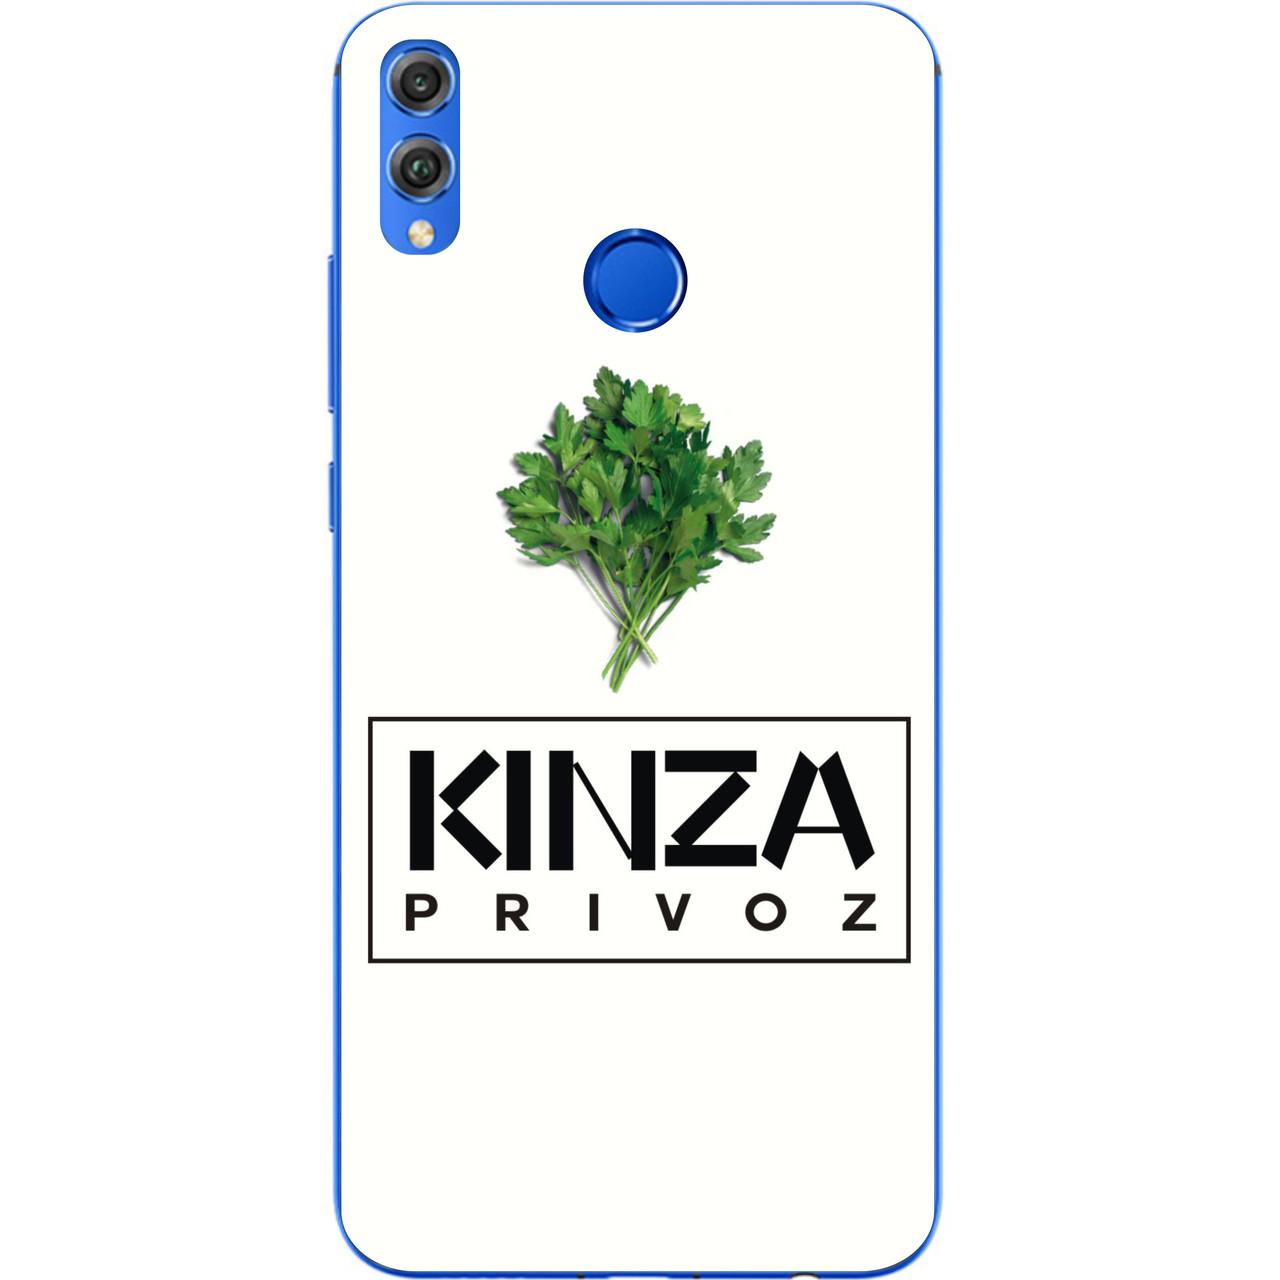 Антибрендовый силіконовий чохол для Huawei Y9 2019 з картинкою Kinza Privoz